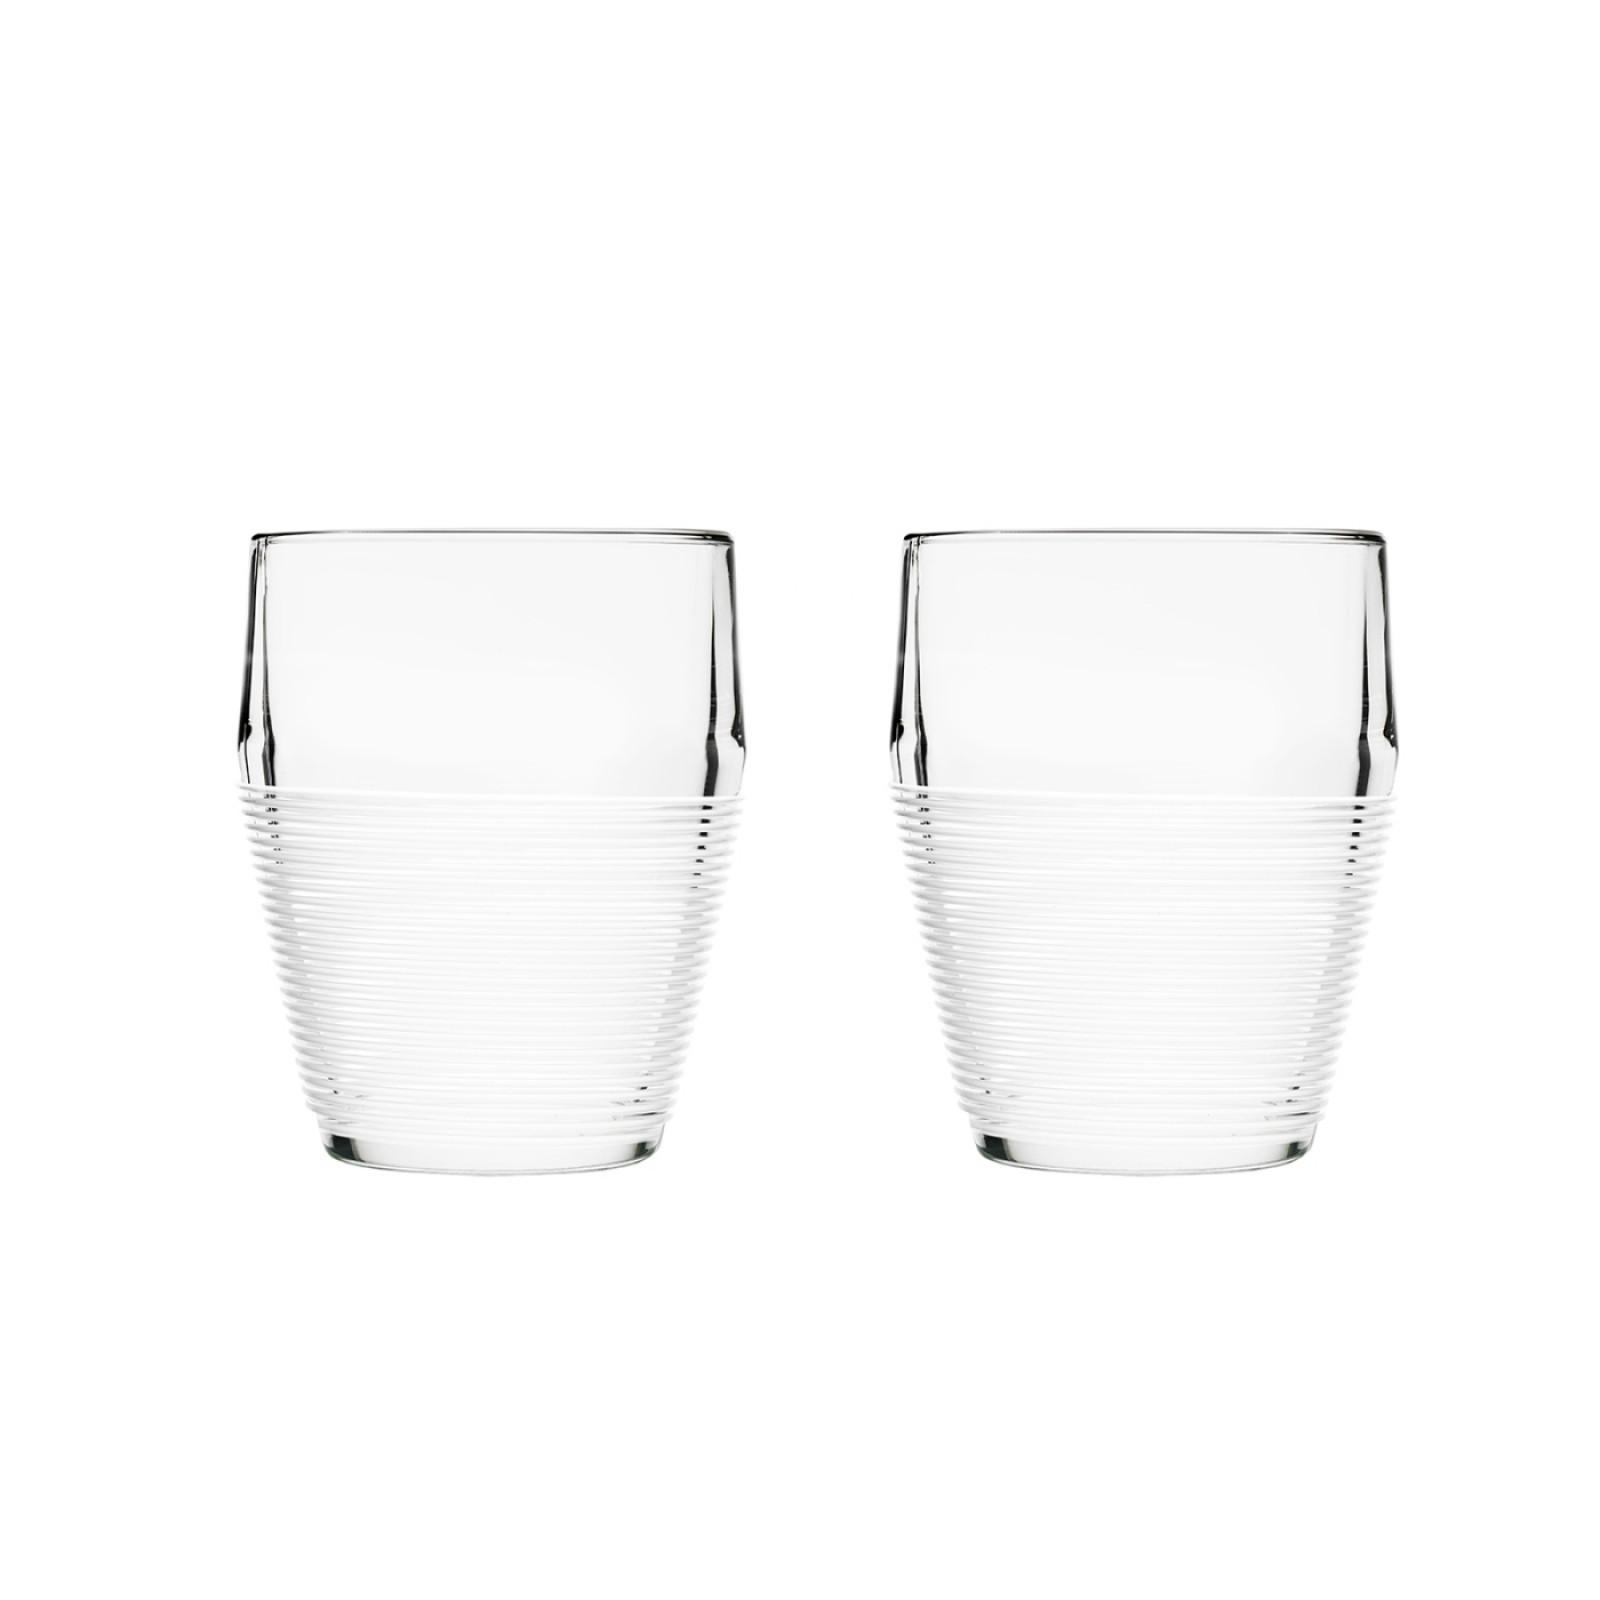 Ποτήρια Timo Termo Λευκό (Σετ των 2) - Design House Stockholm